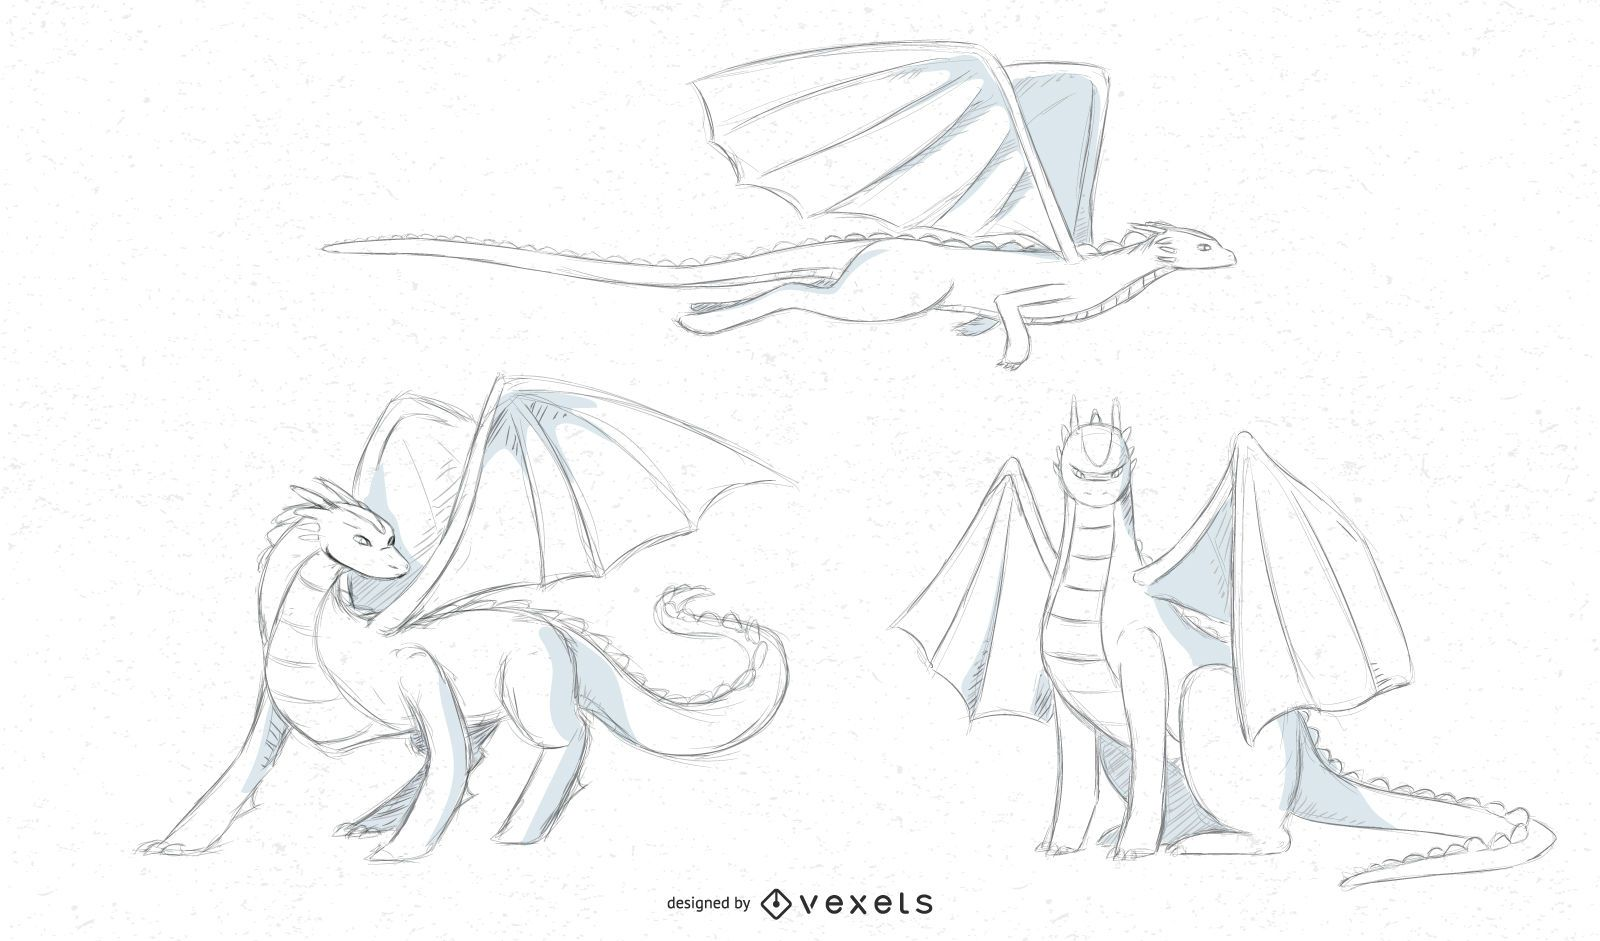 dragon sketch designs